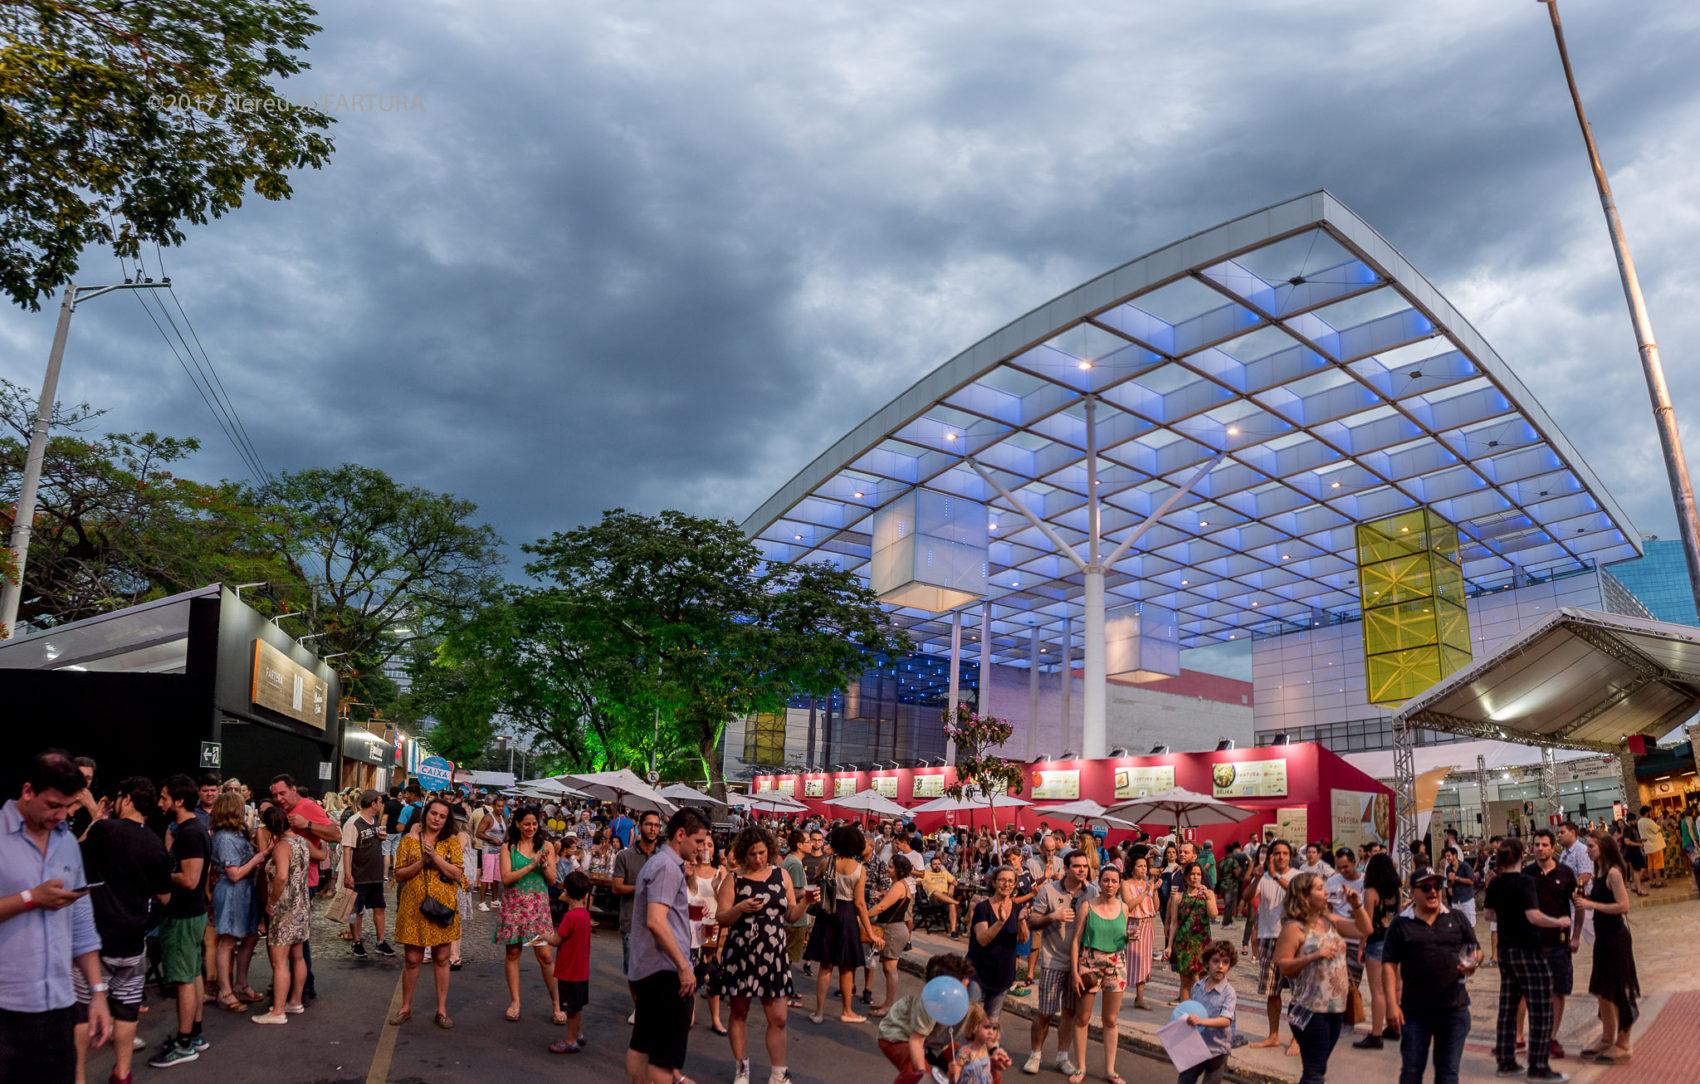 O festival Fartura: de Belo Horizonte para o Brasil e até além (Foto Nereu Jr)